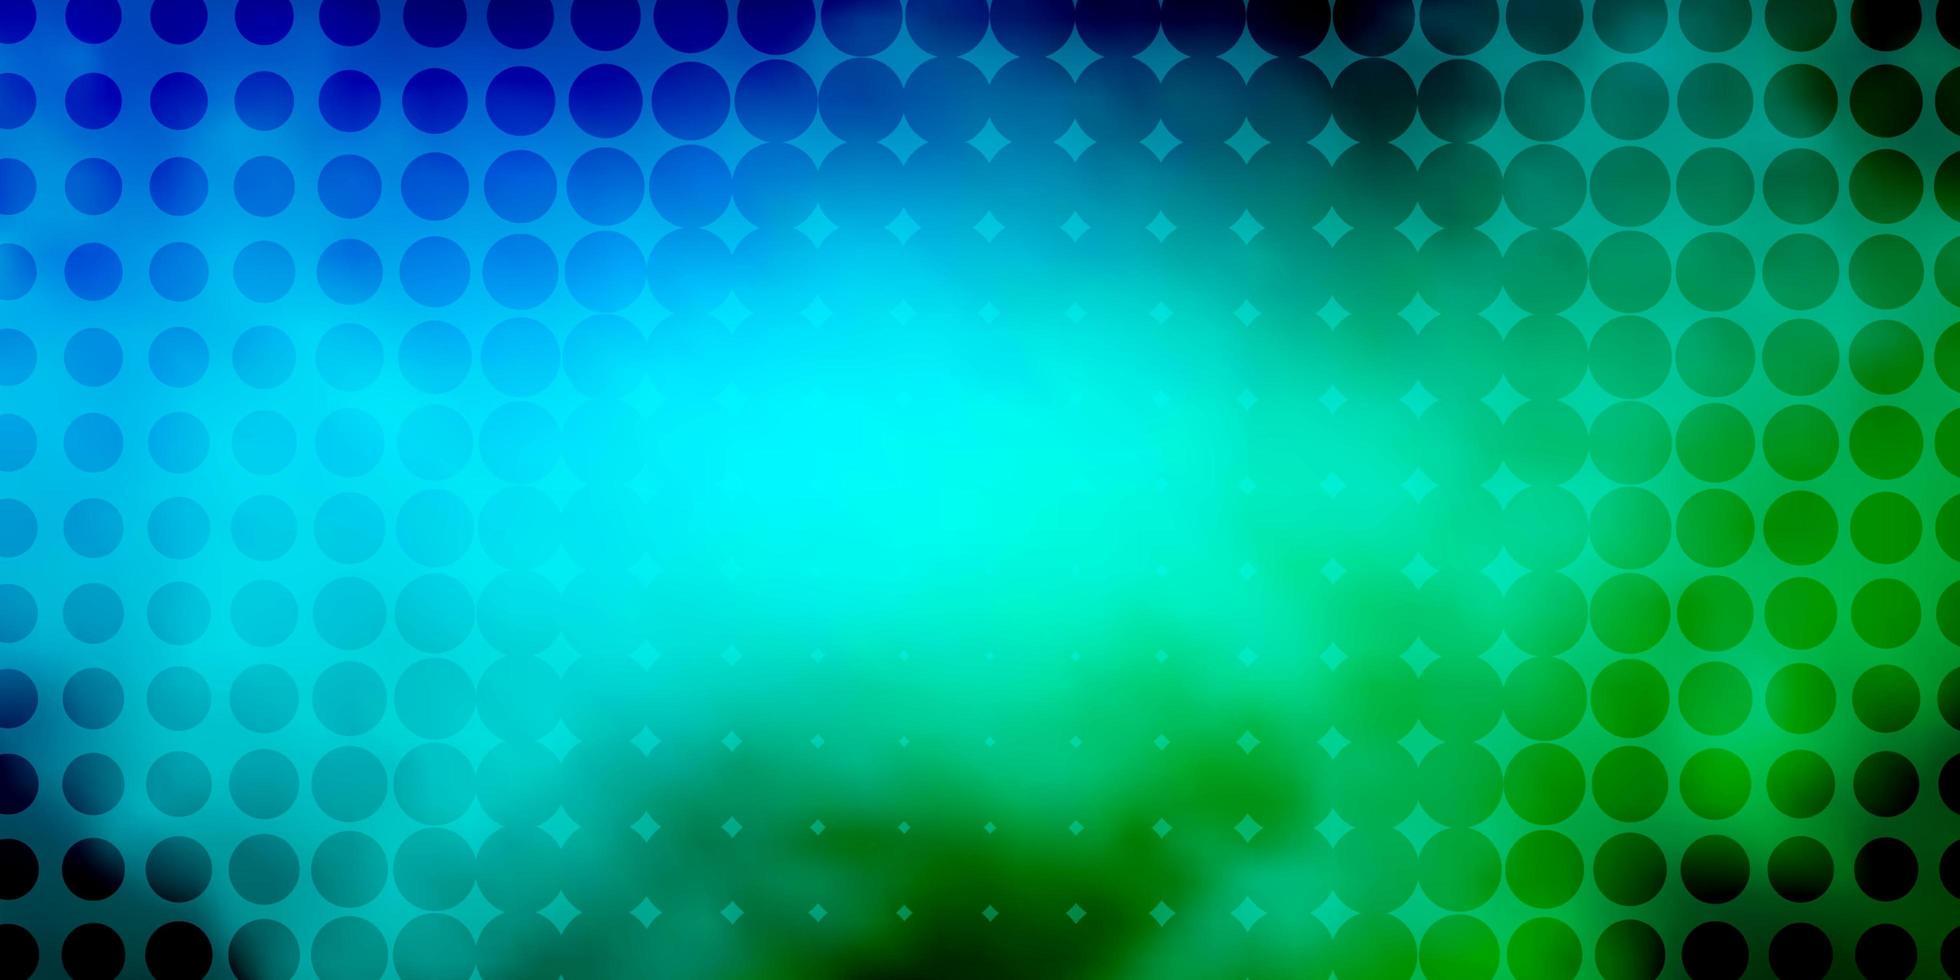 blauwe en groene achtergrond met cirkels. vector